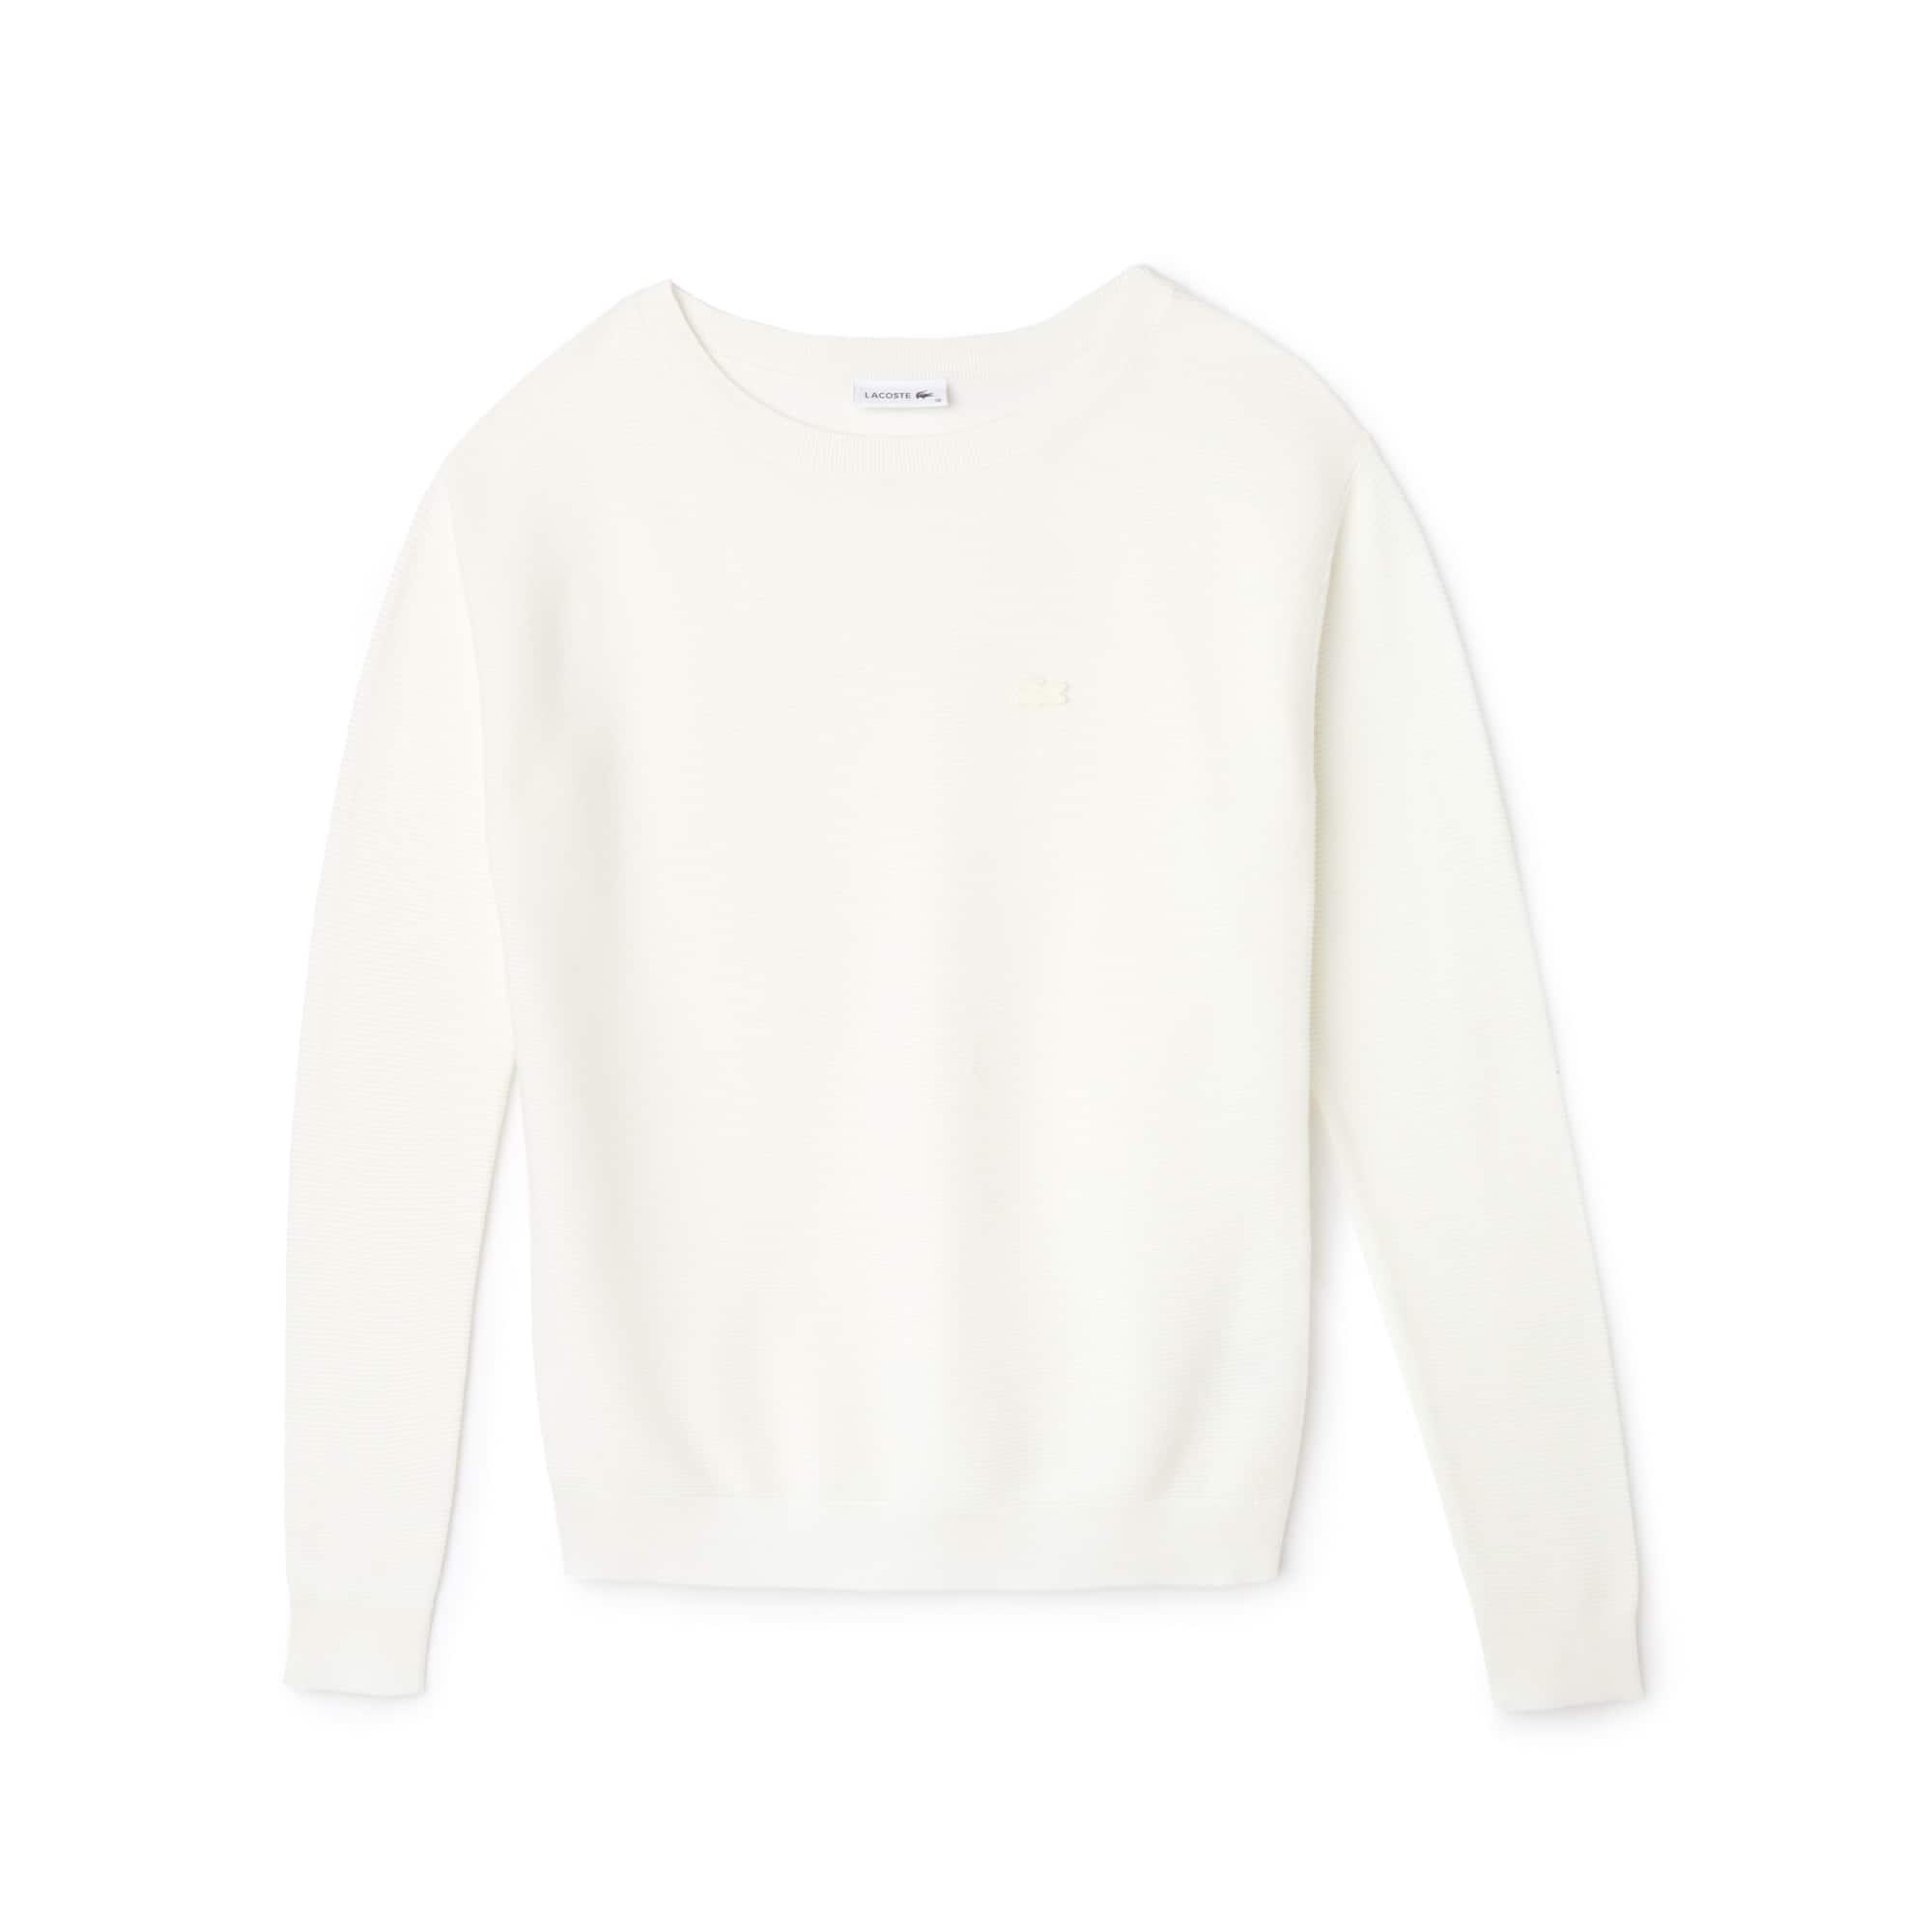 Sweater dames gerstekorrel-katoen met boothals